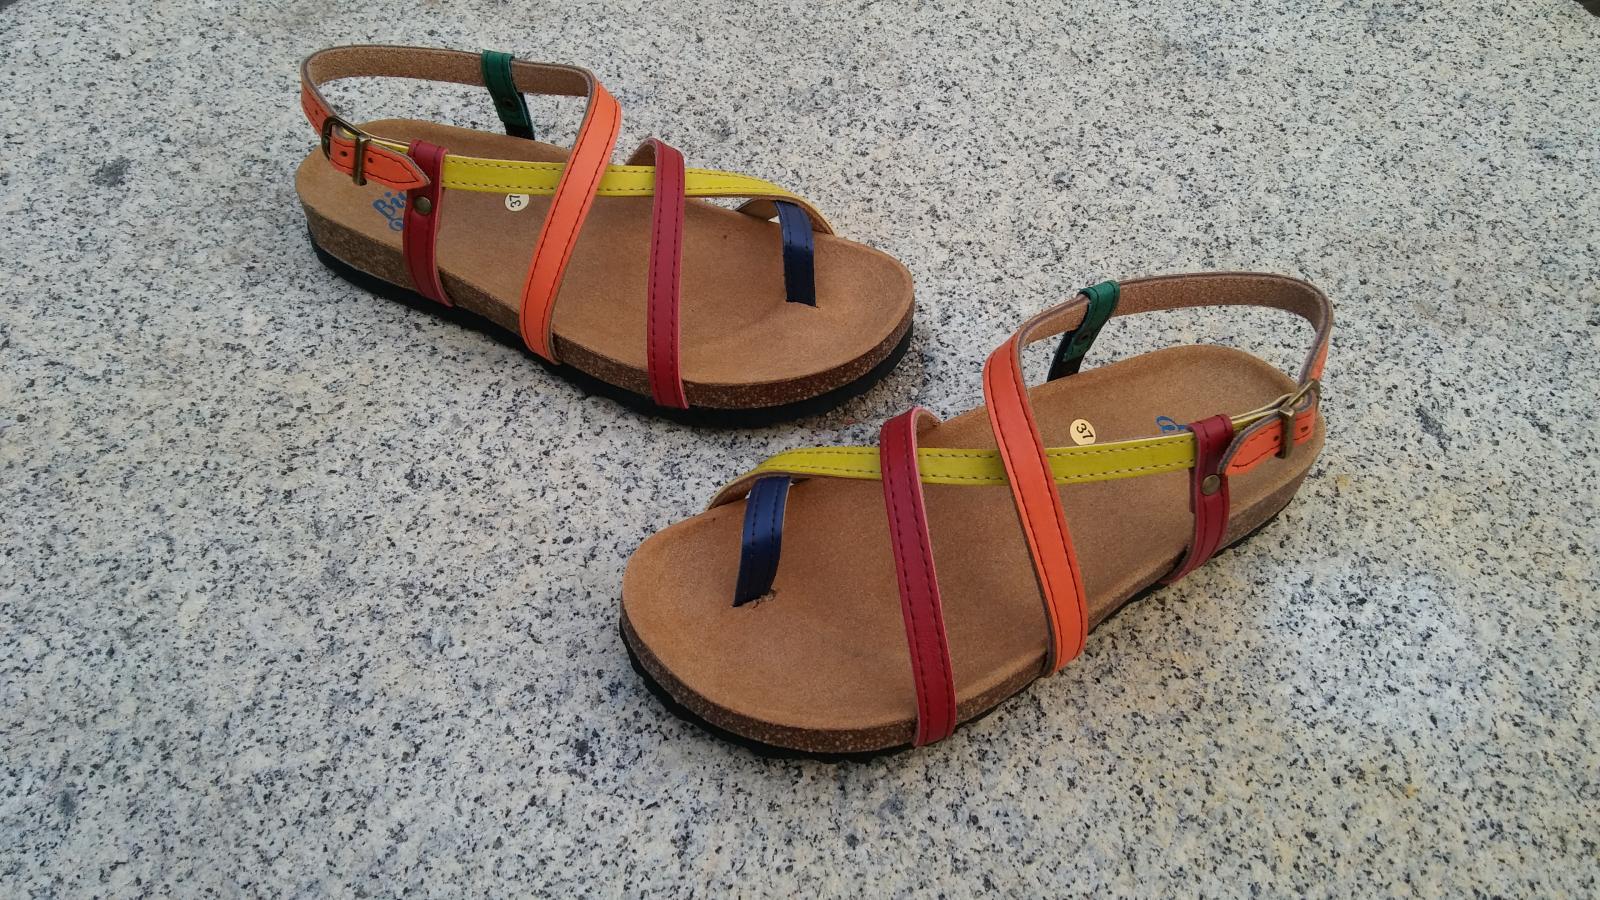 HECTOR COMBI, sandalias veganas, sandalias veganas mujer, calzado vegano, sandalias de tacón bajo, sandalias bioworld, vegan shoes, sandalias de colores.